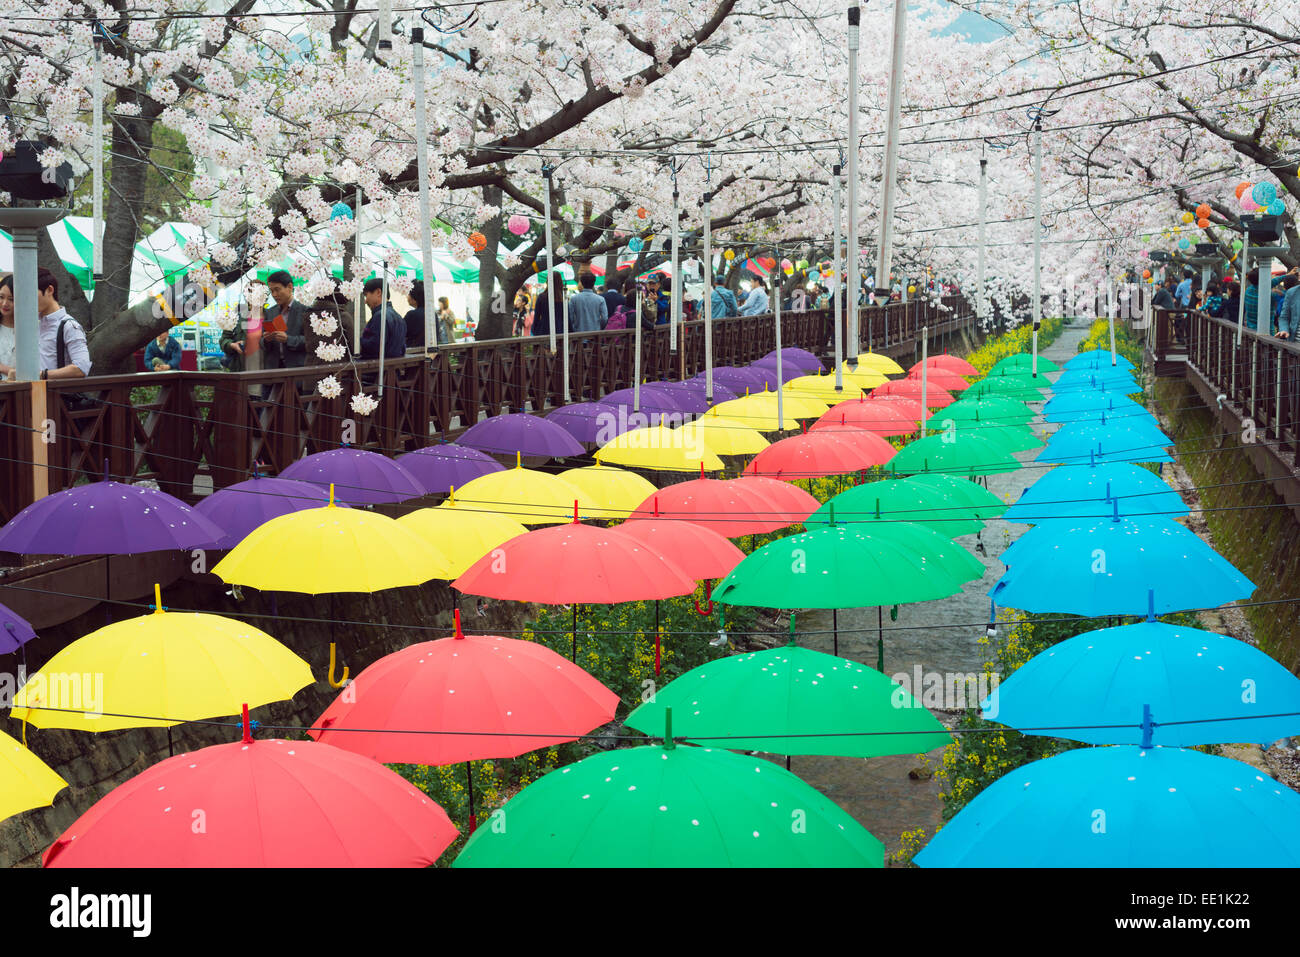 Spring cherry blossom festival, Jinhei, South Korea, Asia - Stock Image